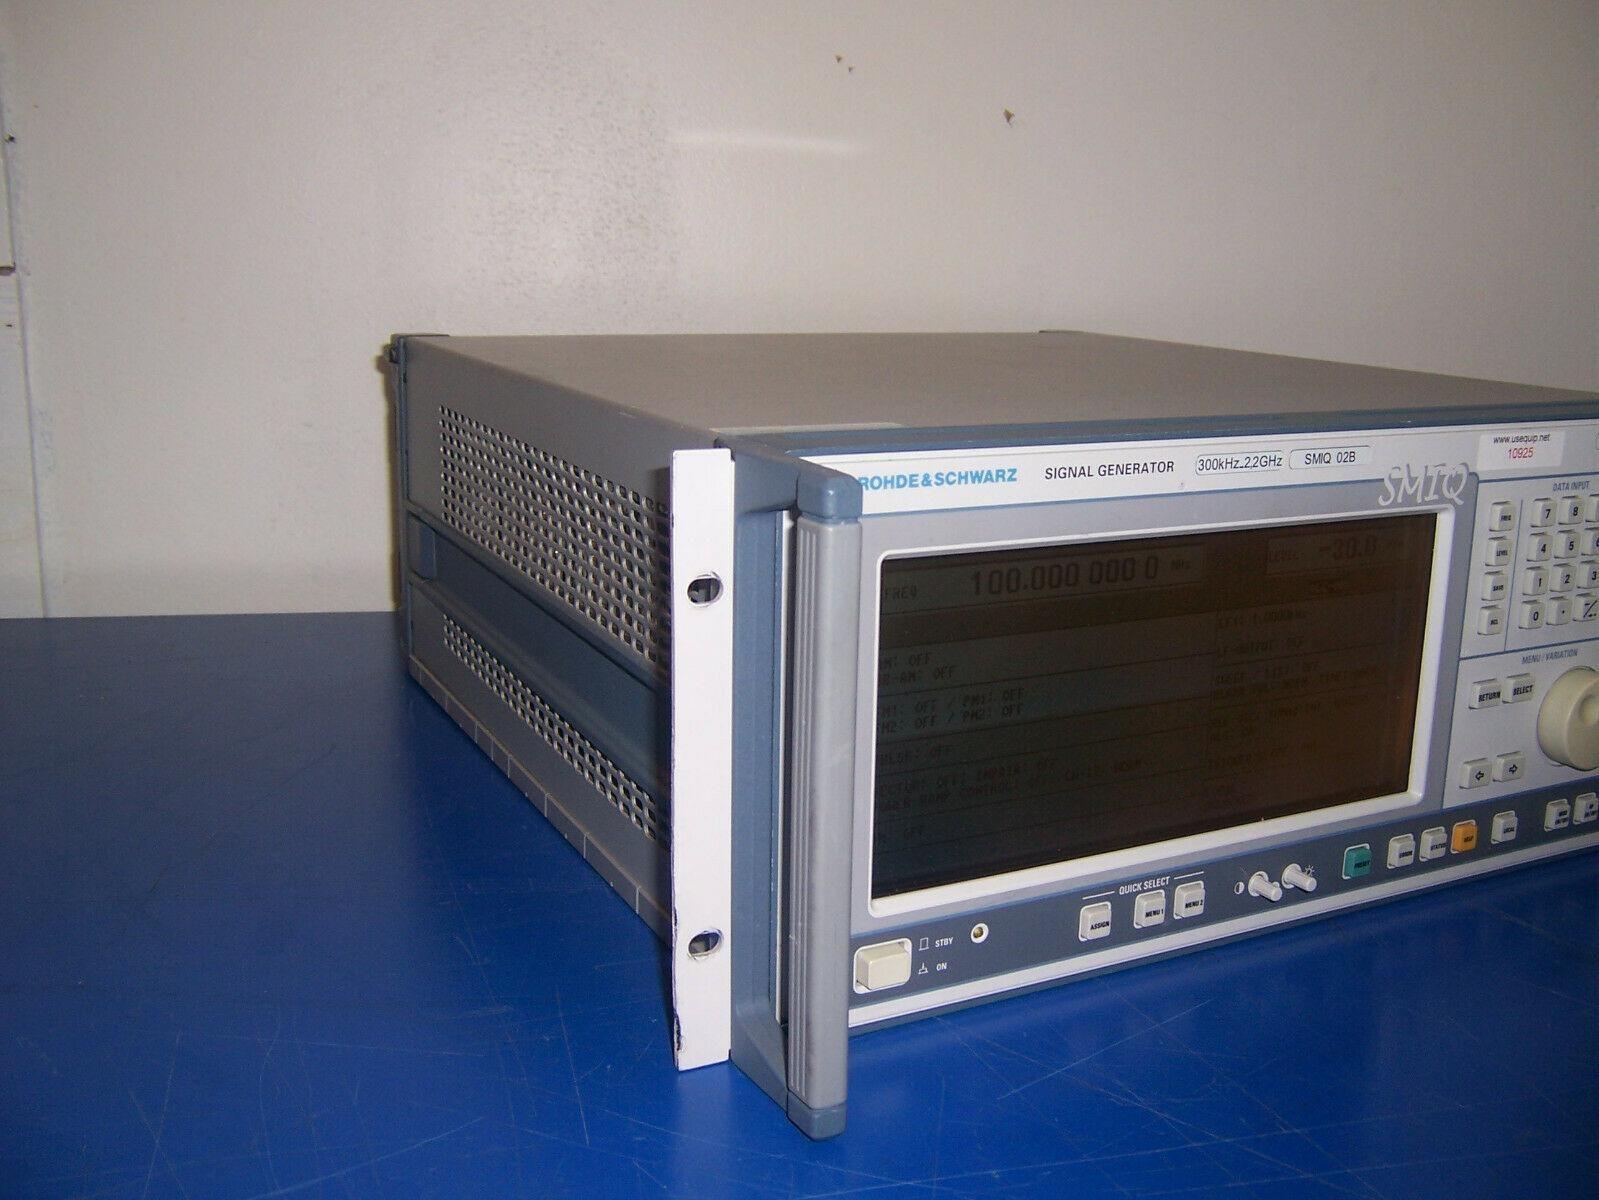 10925 Rohde & Schwarz R&S SMIQ02B Signal Generator 300KHZ - 2.2GHZ W/ options